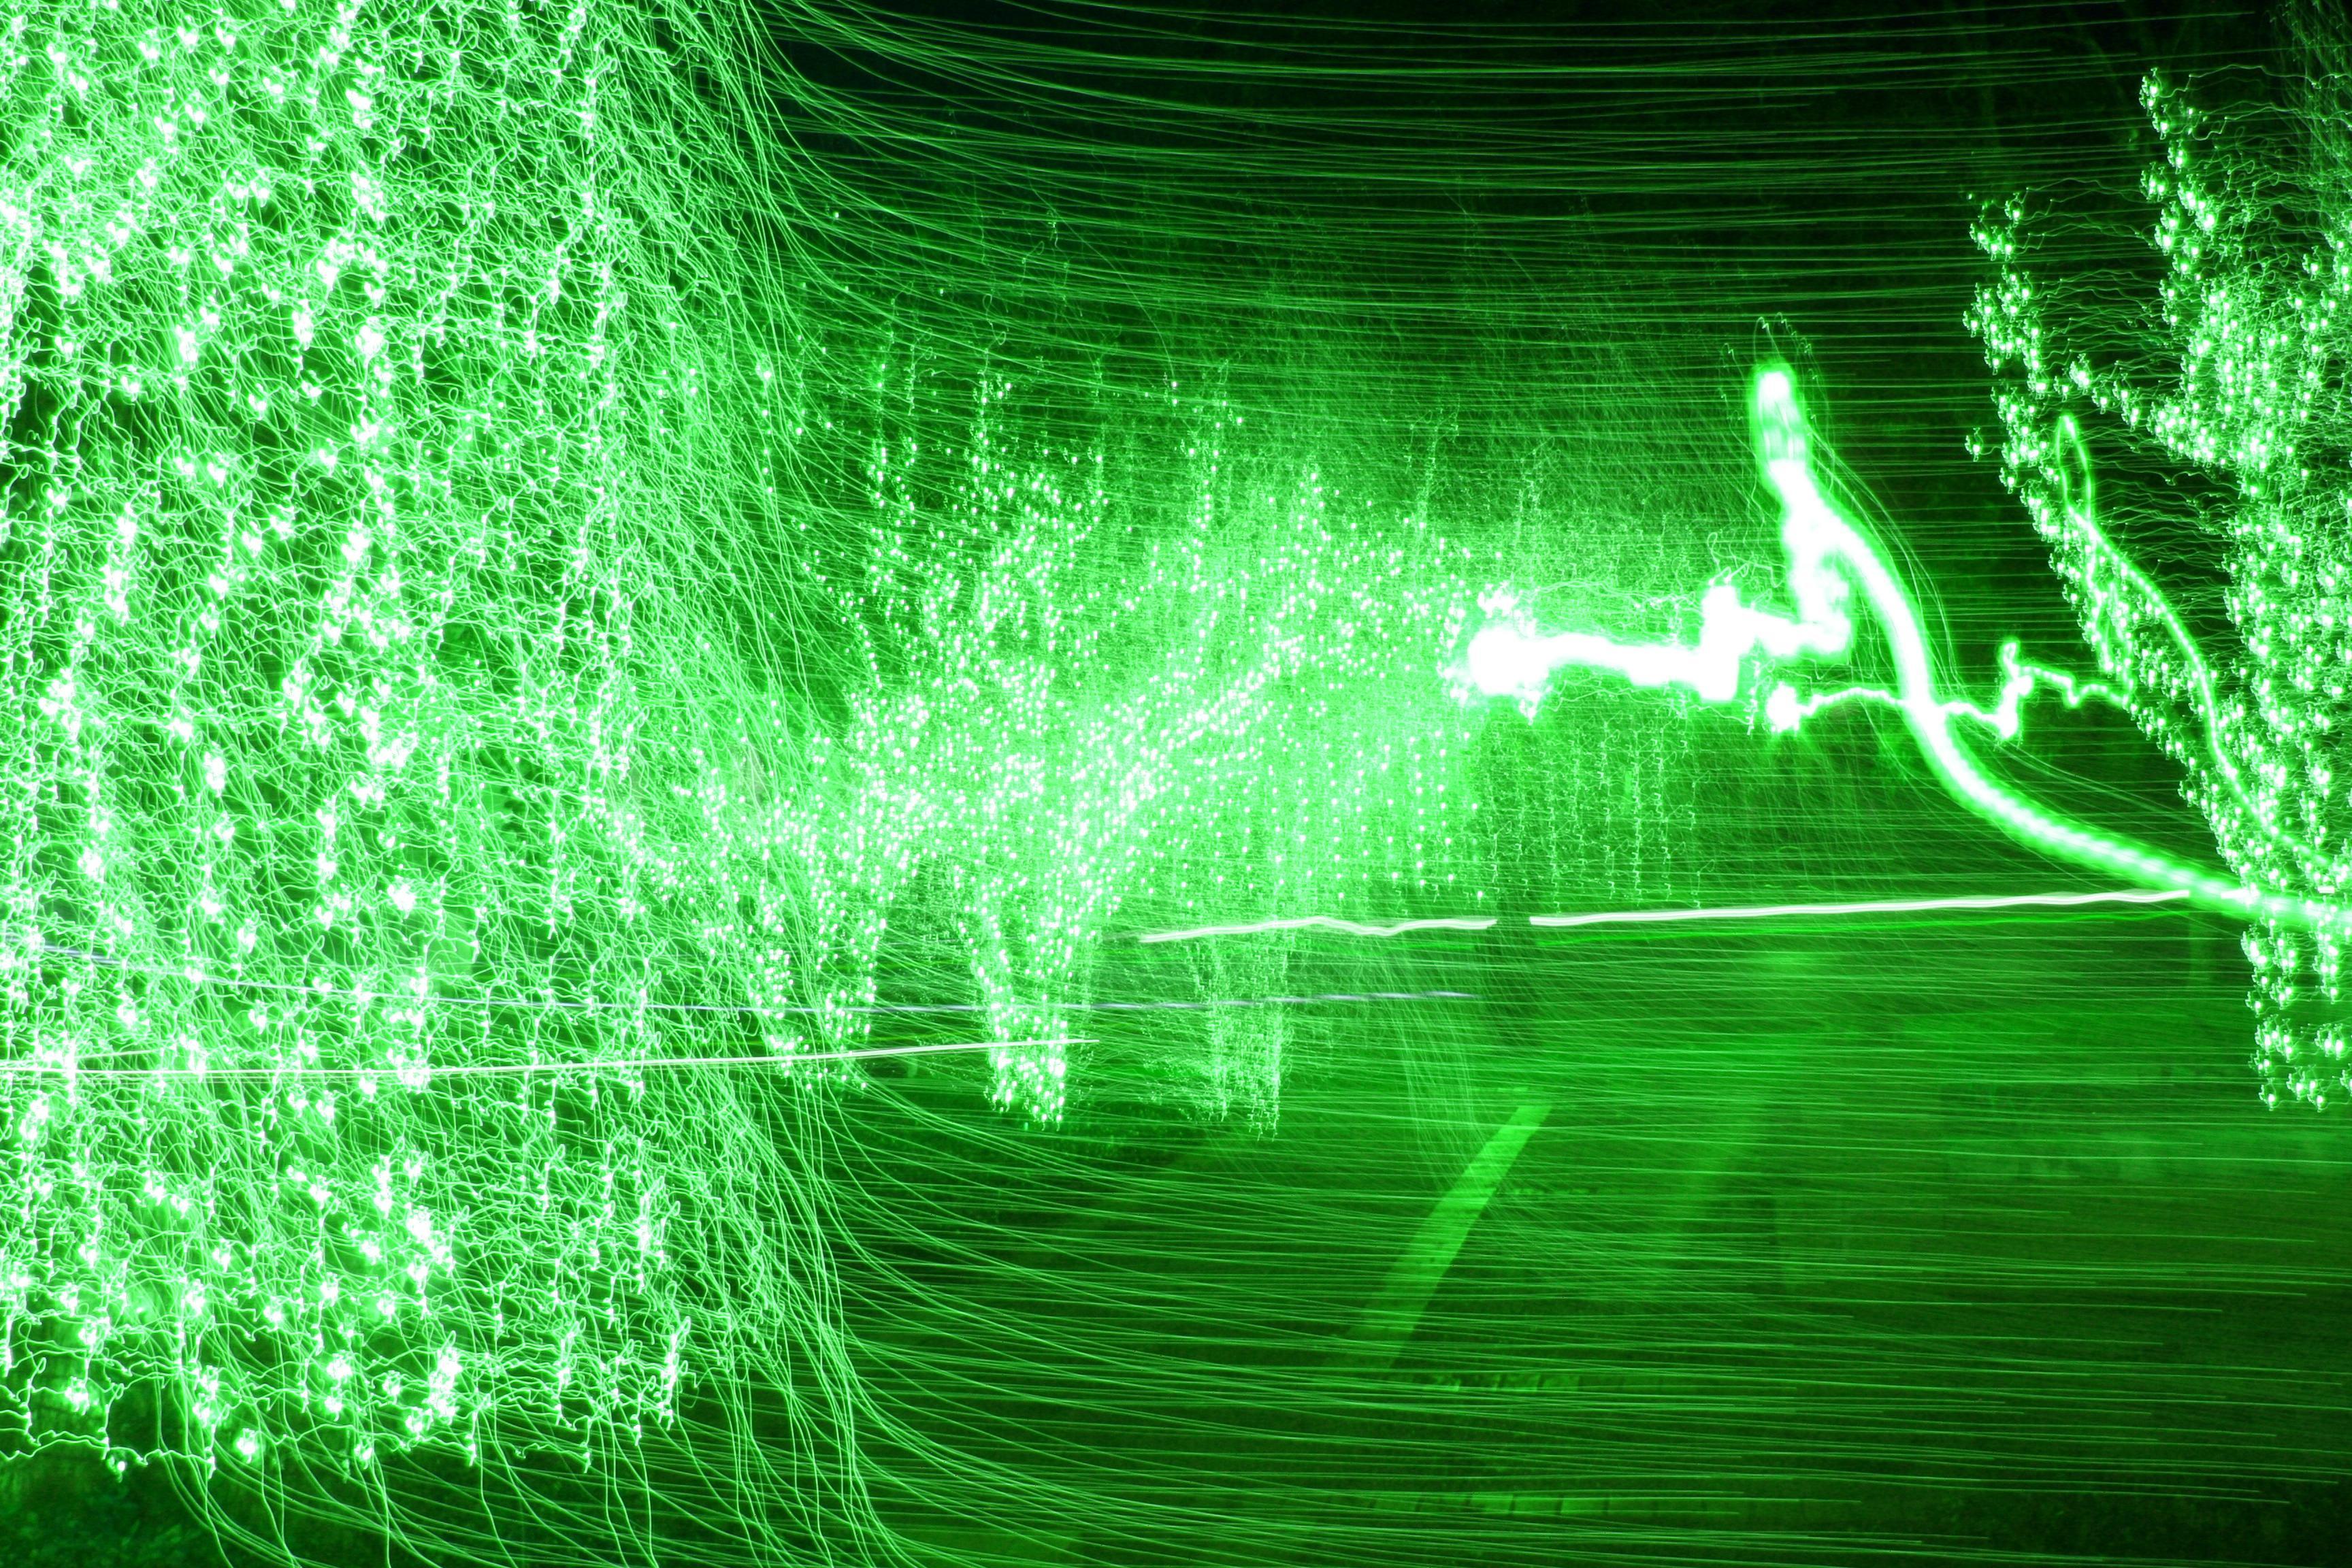 幻想的な緑の光